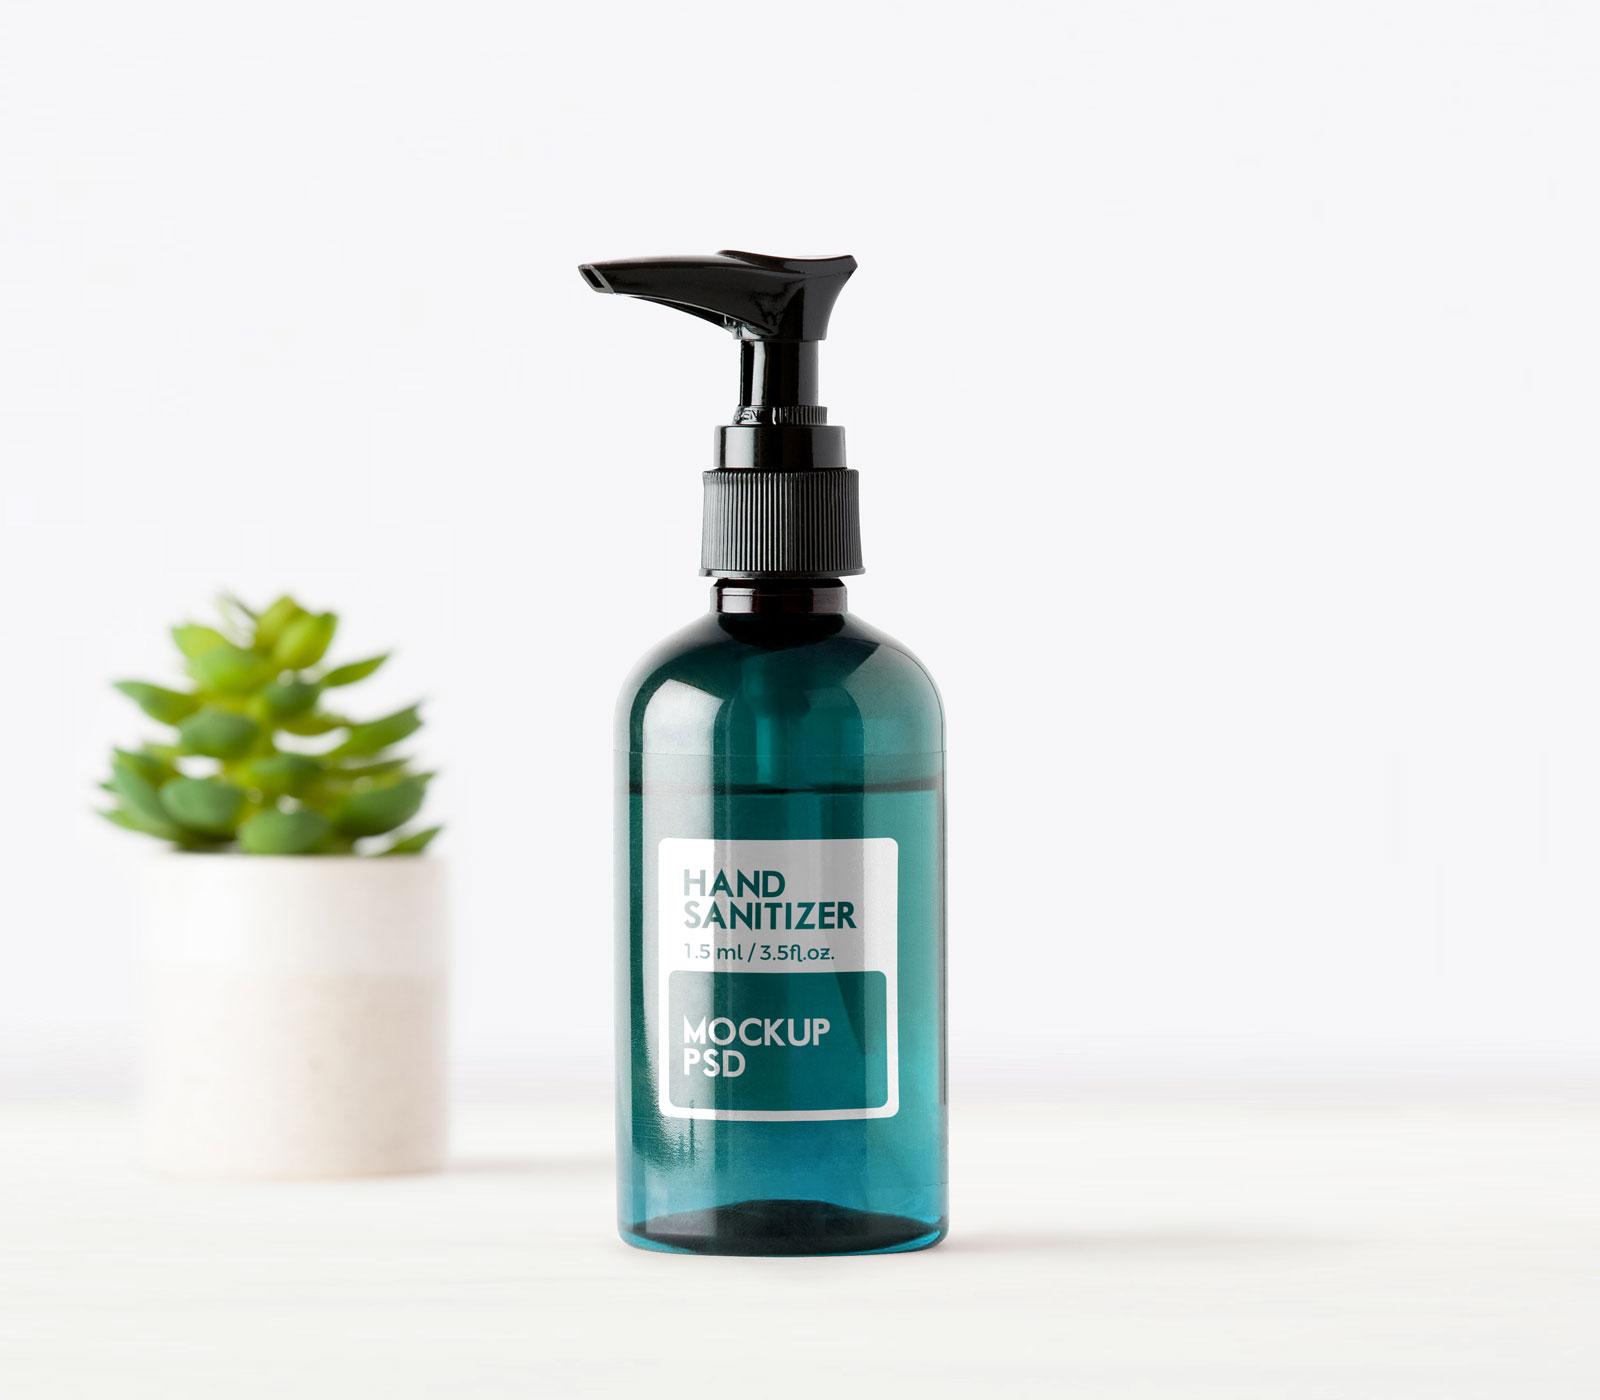 Free-Hand-Sanitizer-Pump-Bottle-Mockup-2